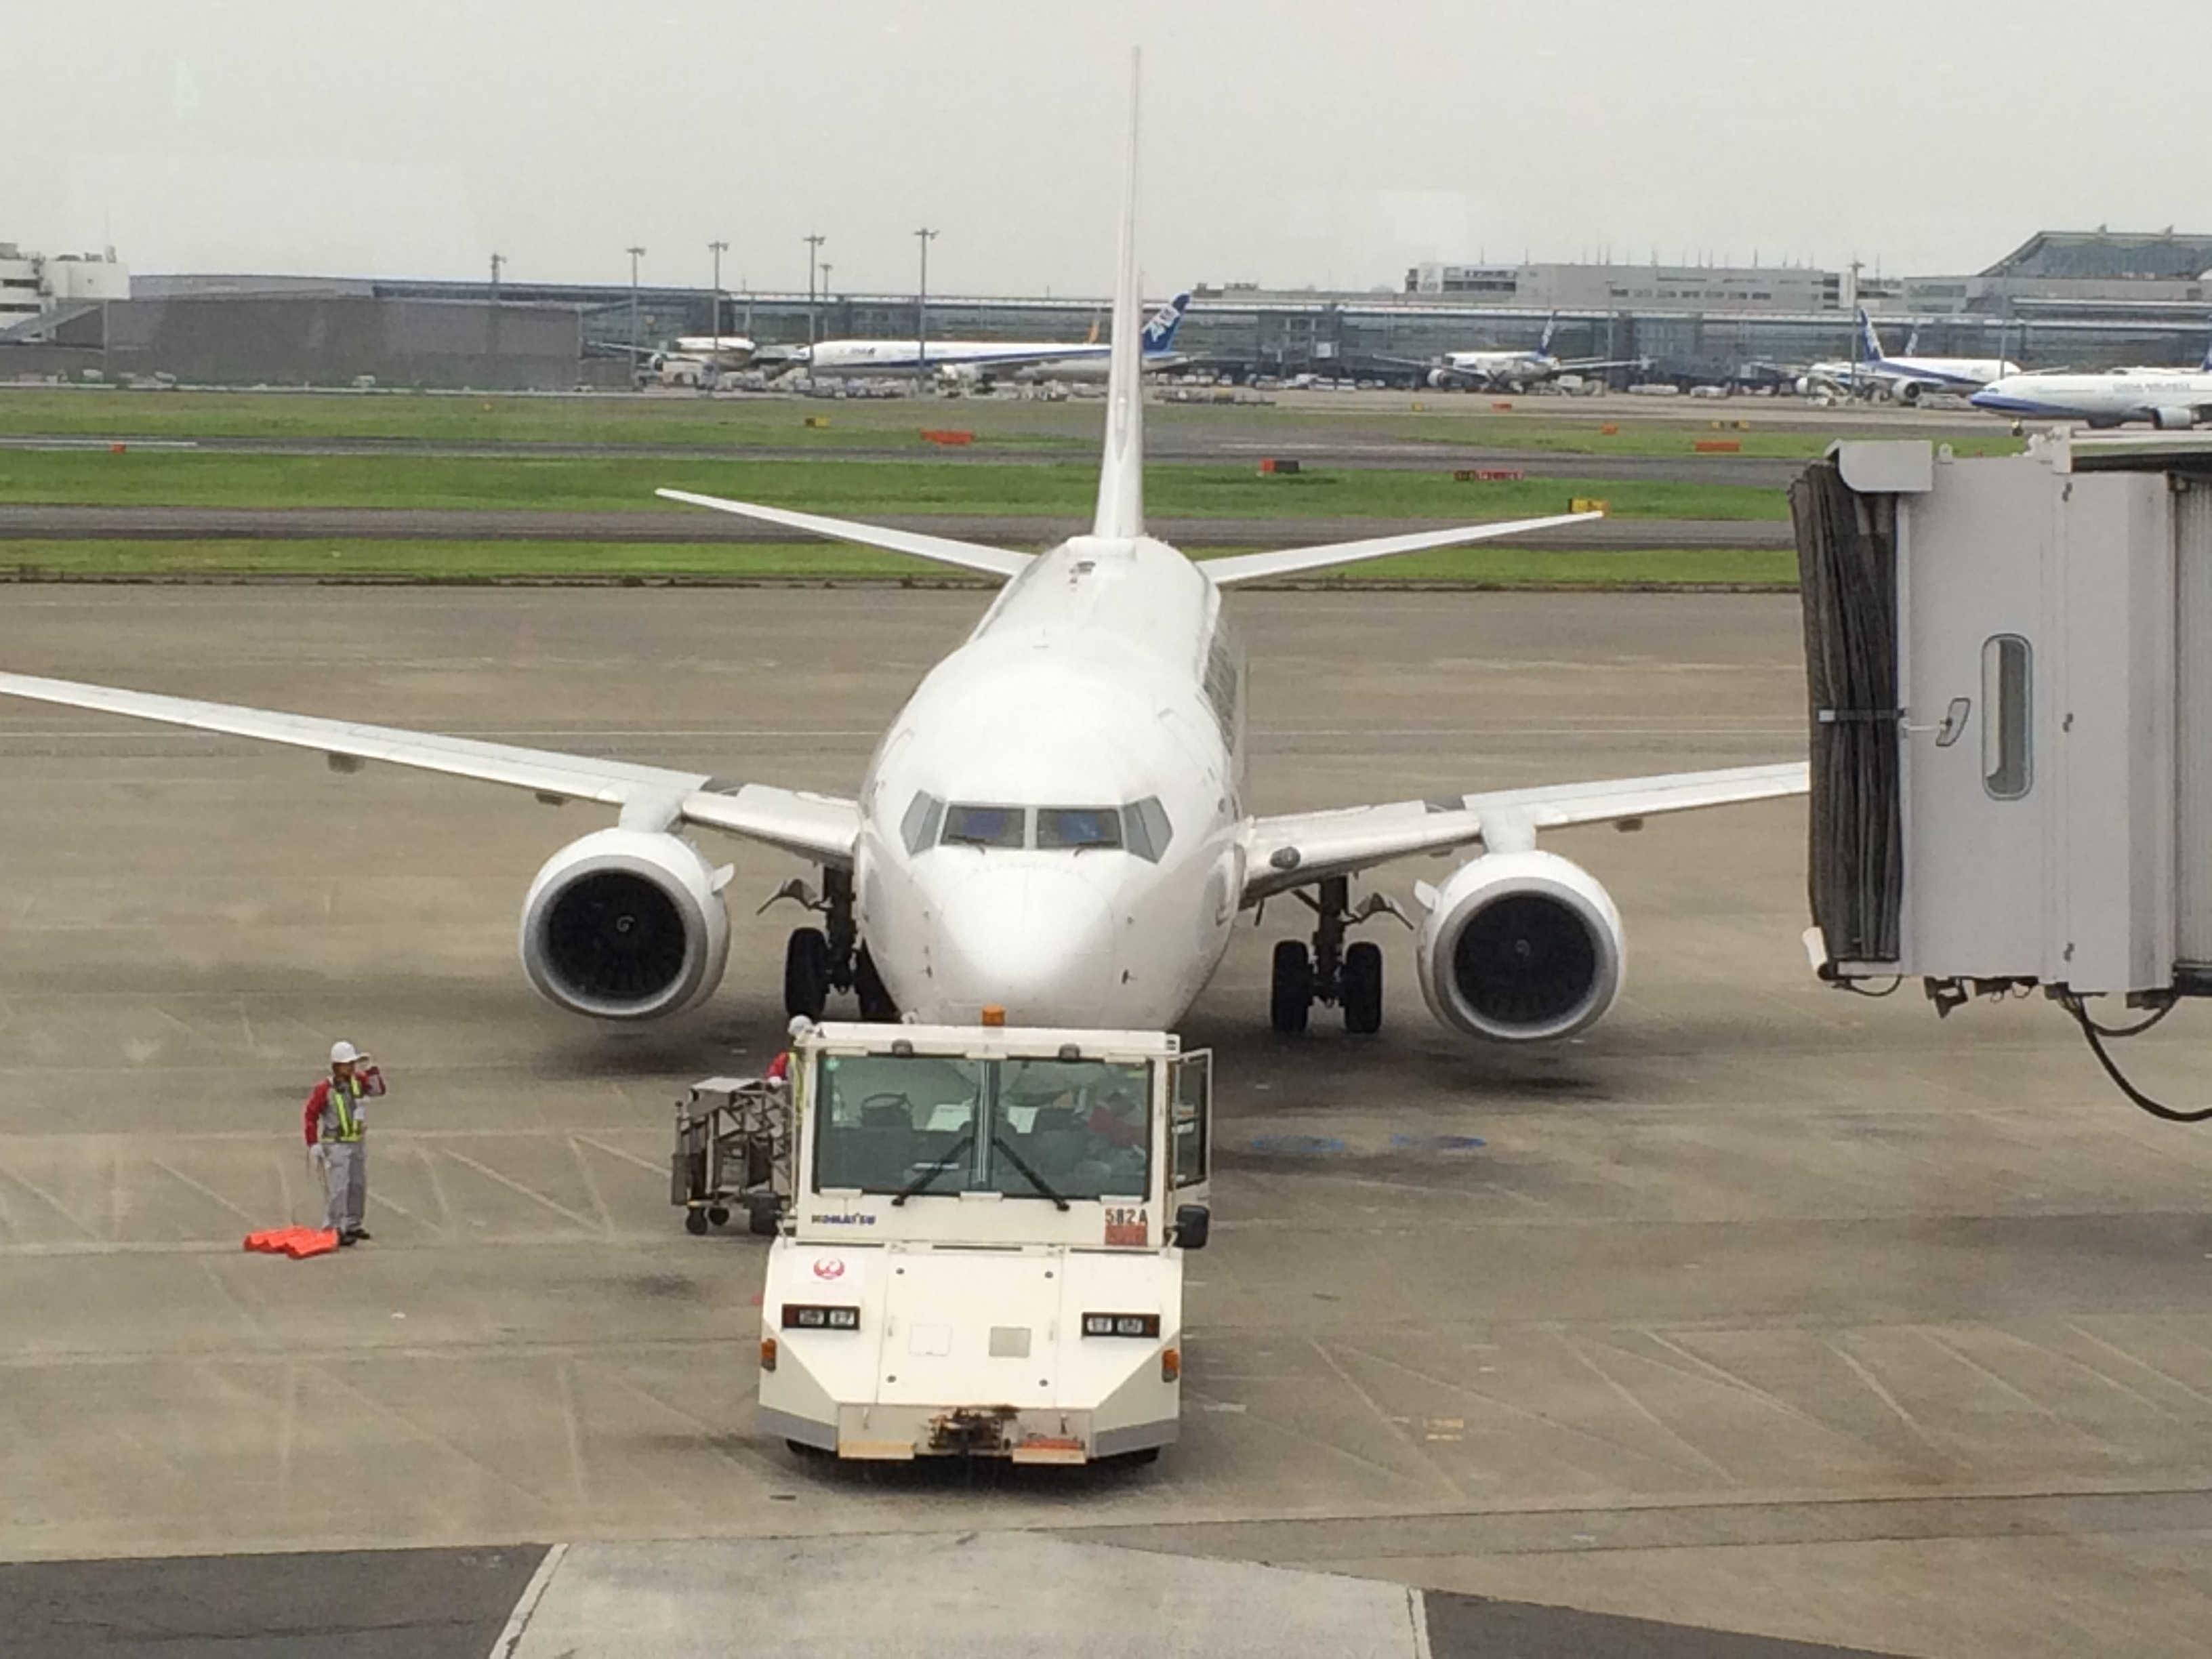 羽田空港第1旅客ターミナル出発ロビー